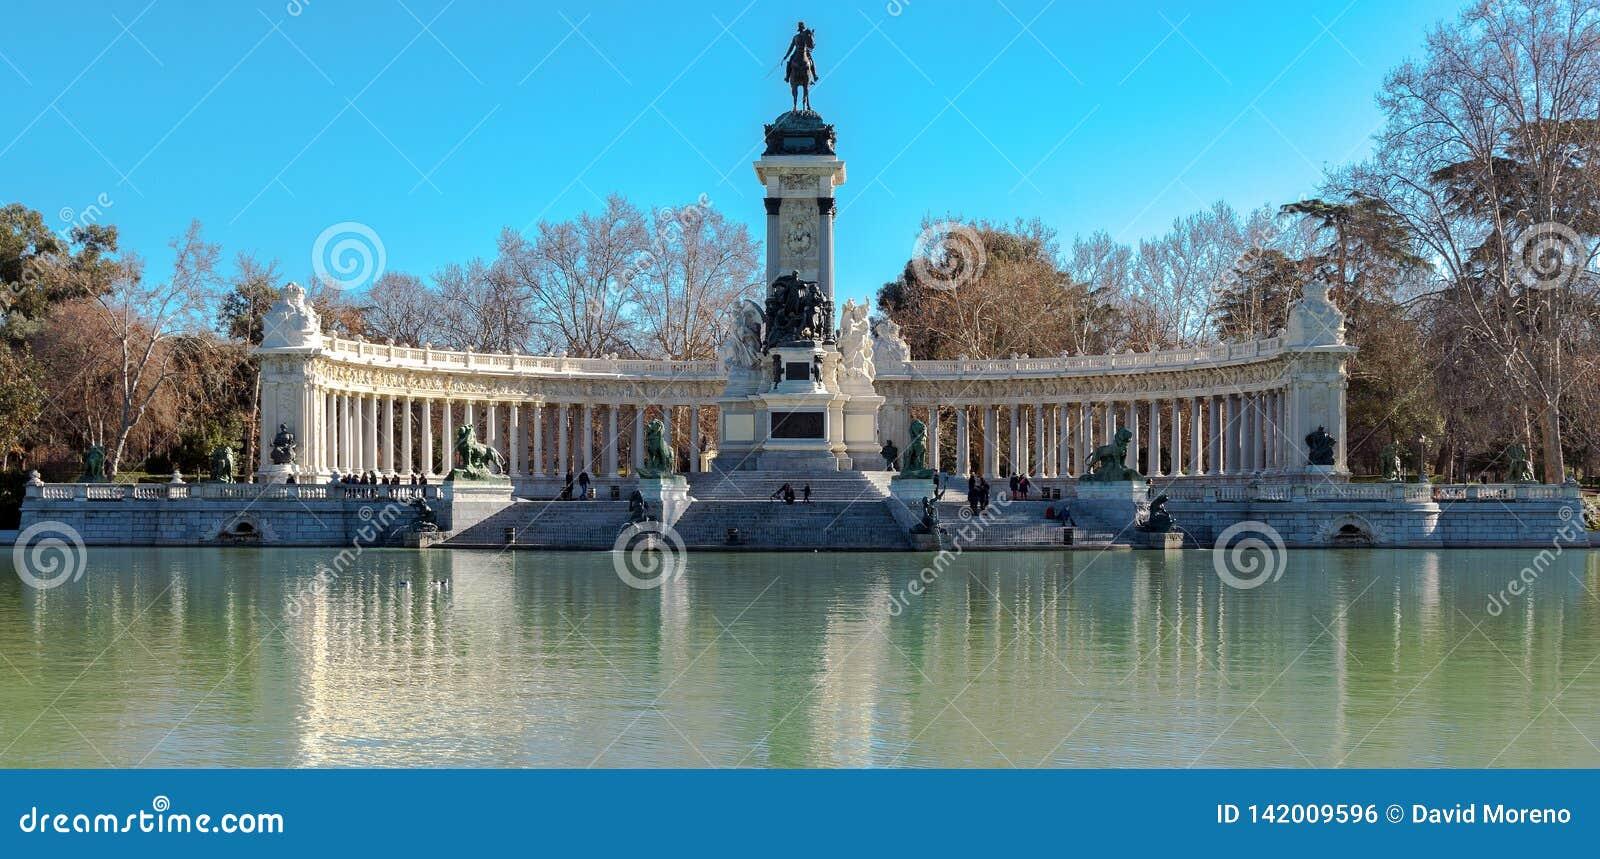 Madri, Espanha - 13 de fevereiro - 2018: Monumento a Alfonso XII na lagoa no parque de Retiro no Madri, Espanha